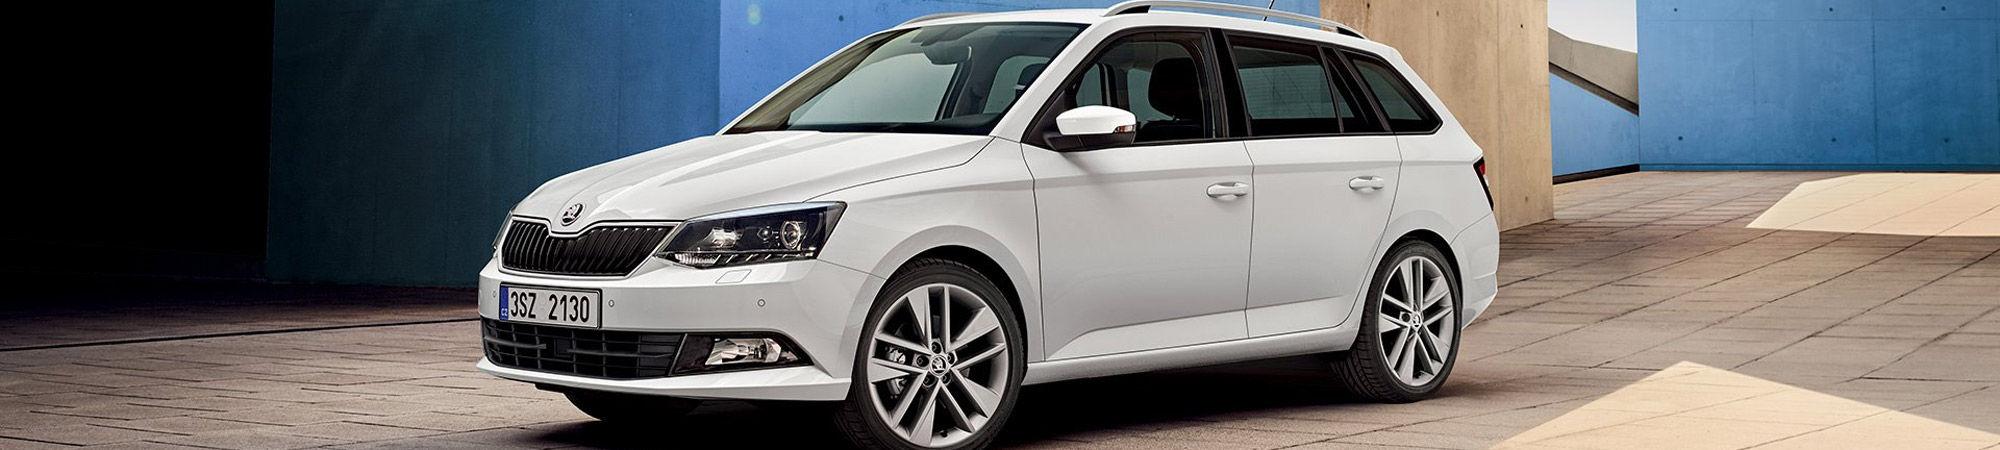 Škoda Fabiassa on runsaasti tilaa ketteryydestä tinkimättä